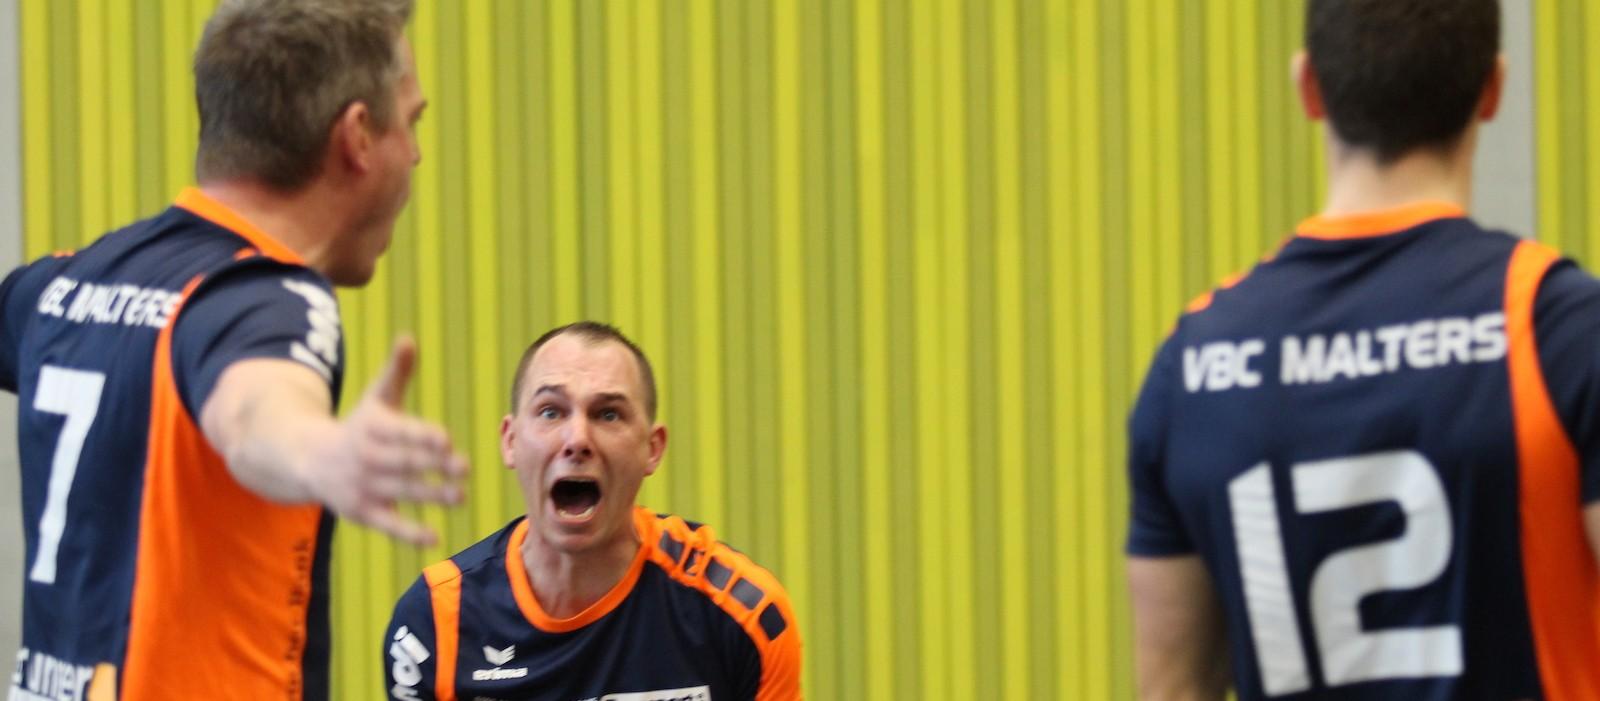 Herren 1 gewinnt in Doppelrunde 3 Punkte gegen Servette Star Onex